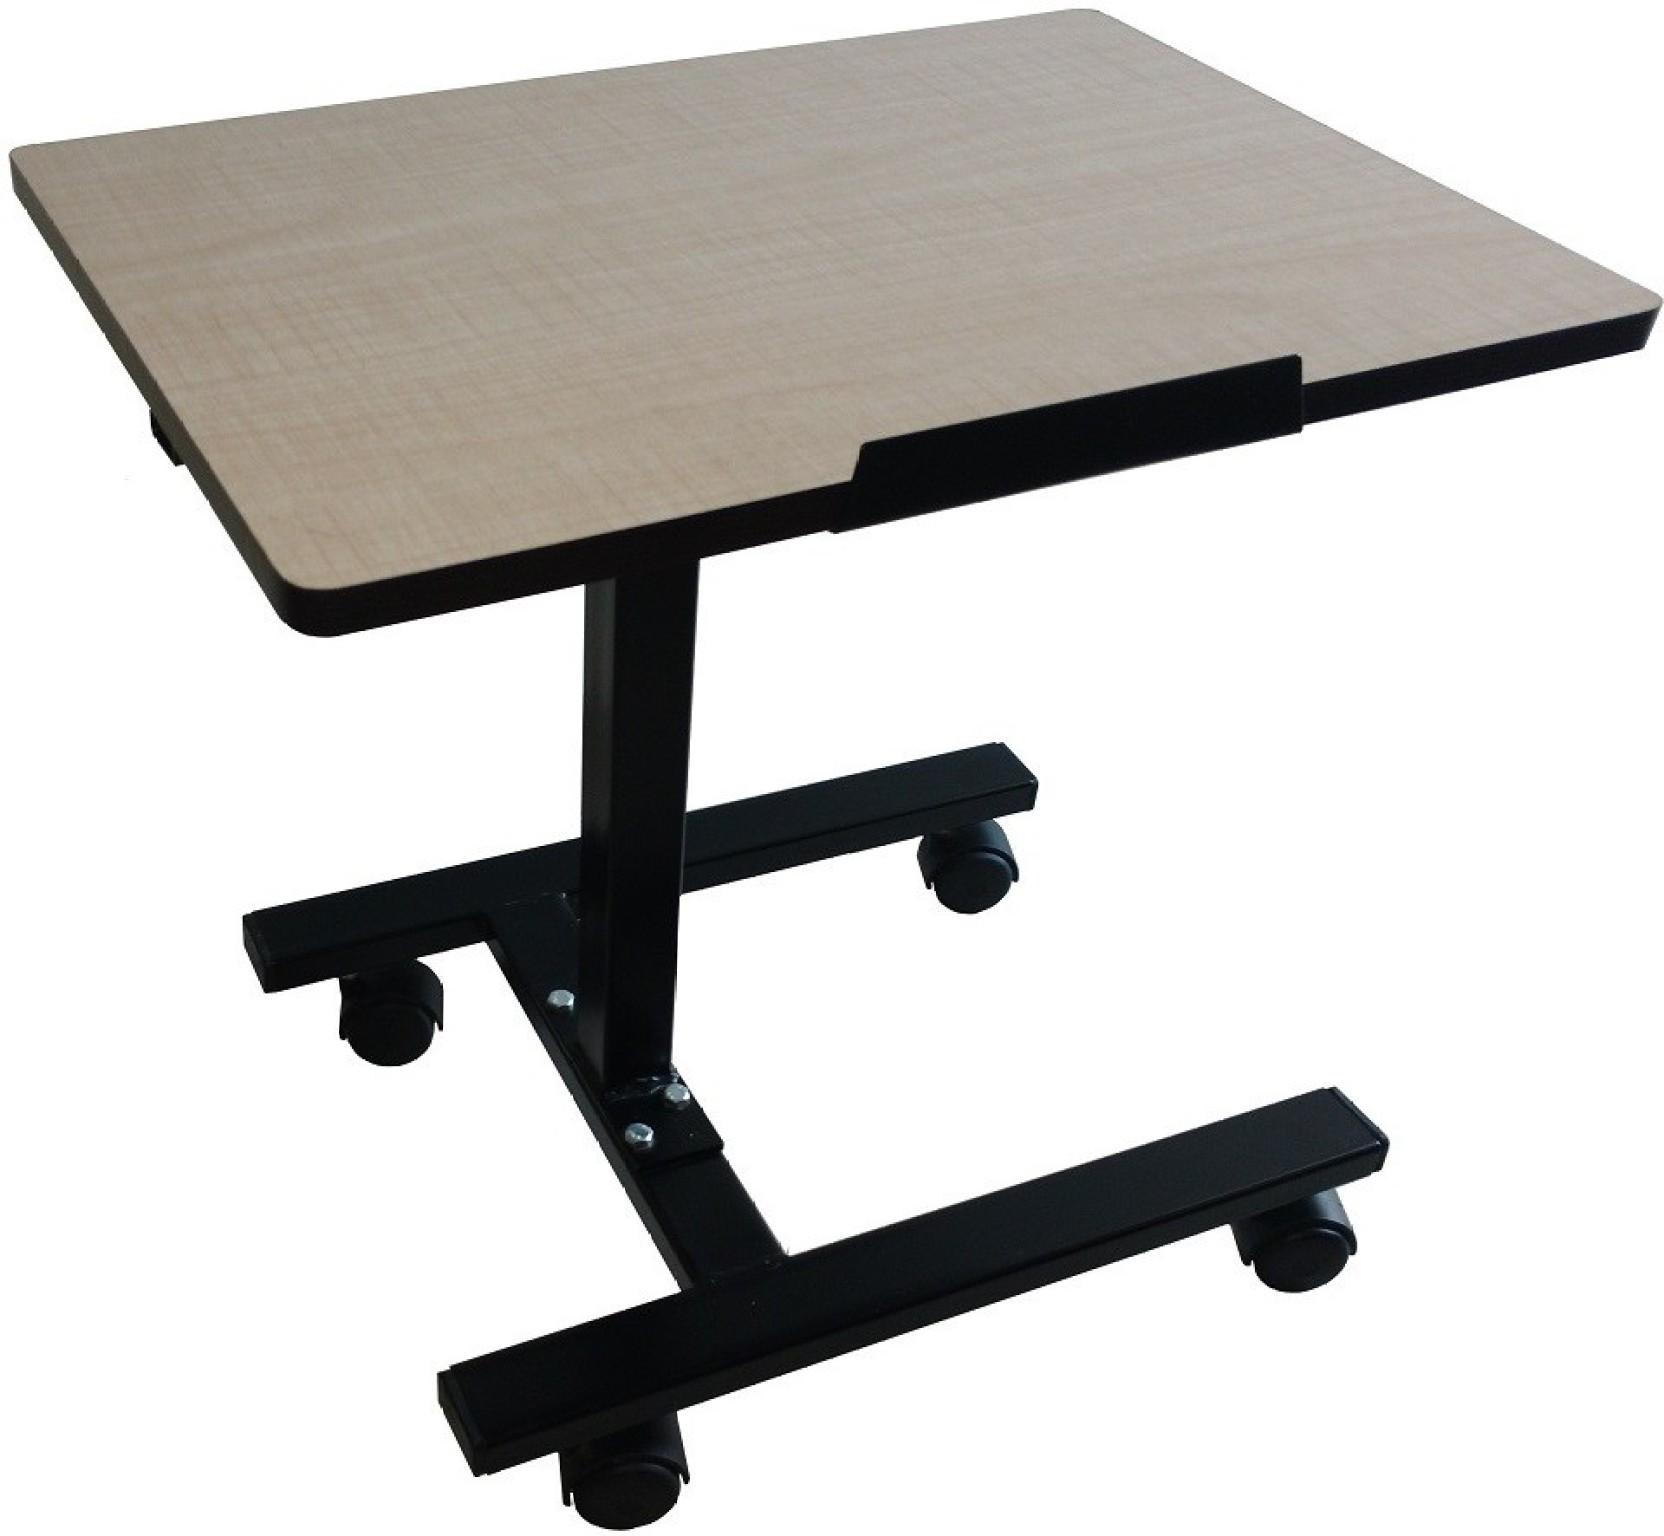 smart shelter sslp99 metal portable laptop table price in india buy smart shelter sslp99 metal. Black Bedroom Furniture Sets. Home Design Ideas